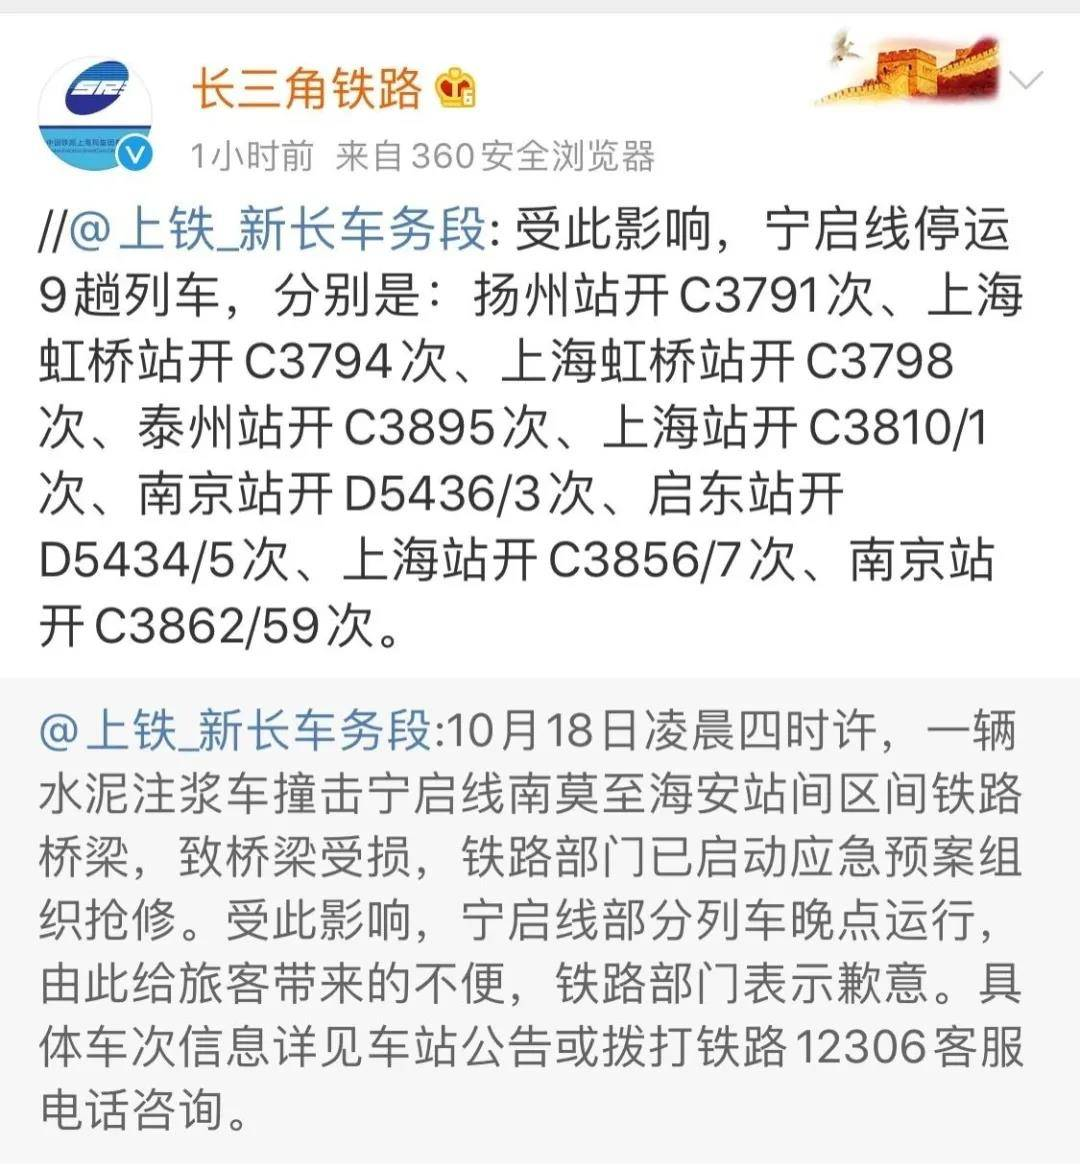 现场曝光!江苏海安市境内一铁路桥梁遭车撞击受损